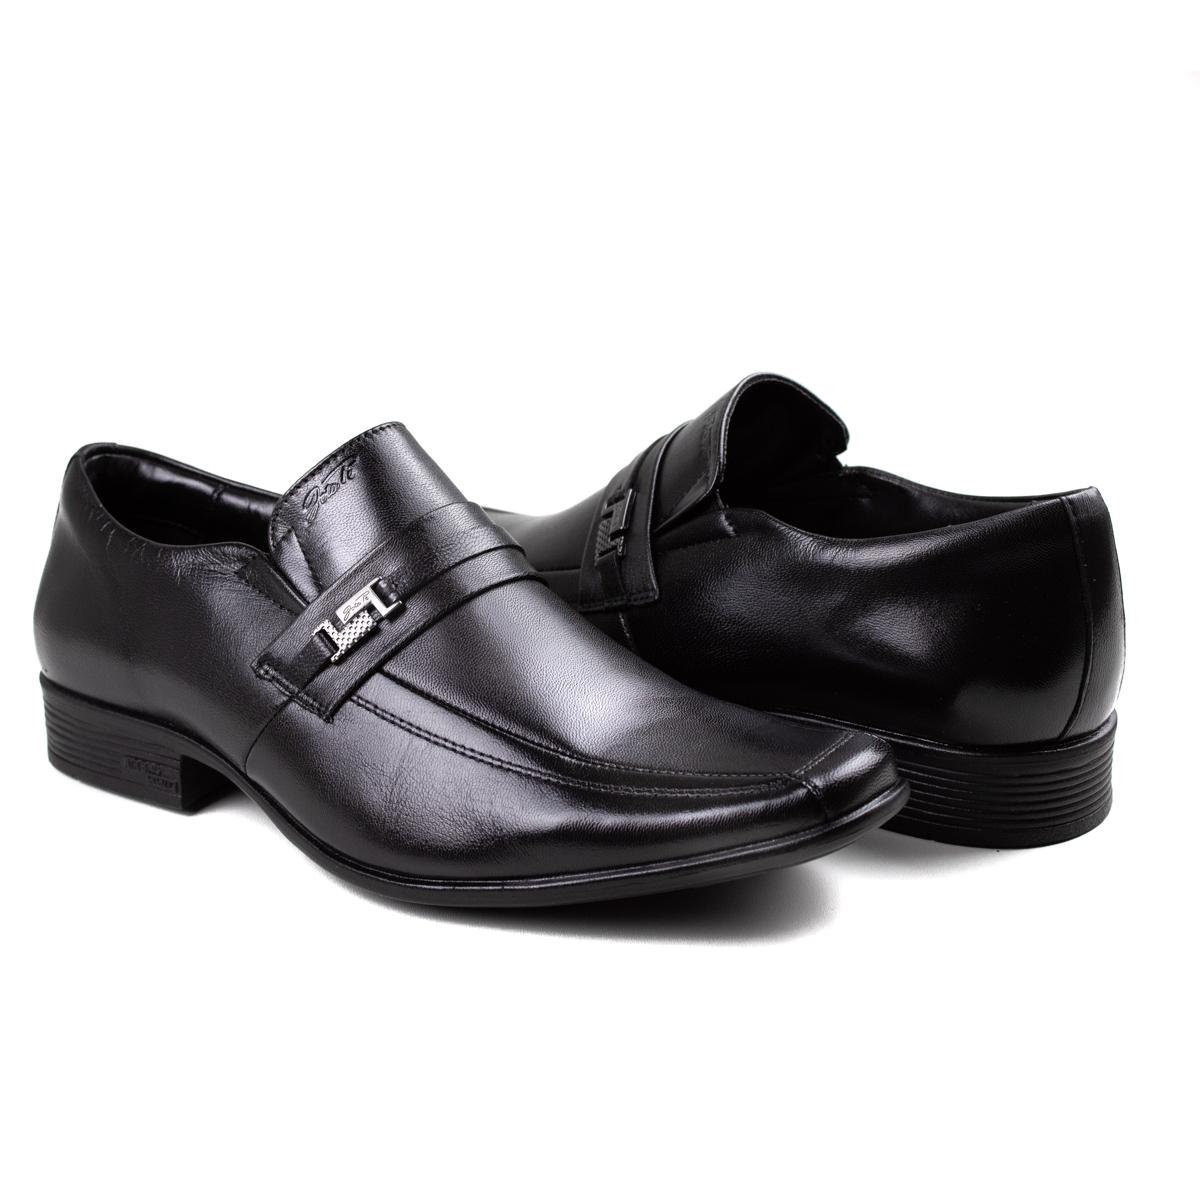 Sapato Masculino Jota Pe - Preto